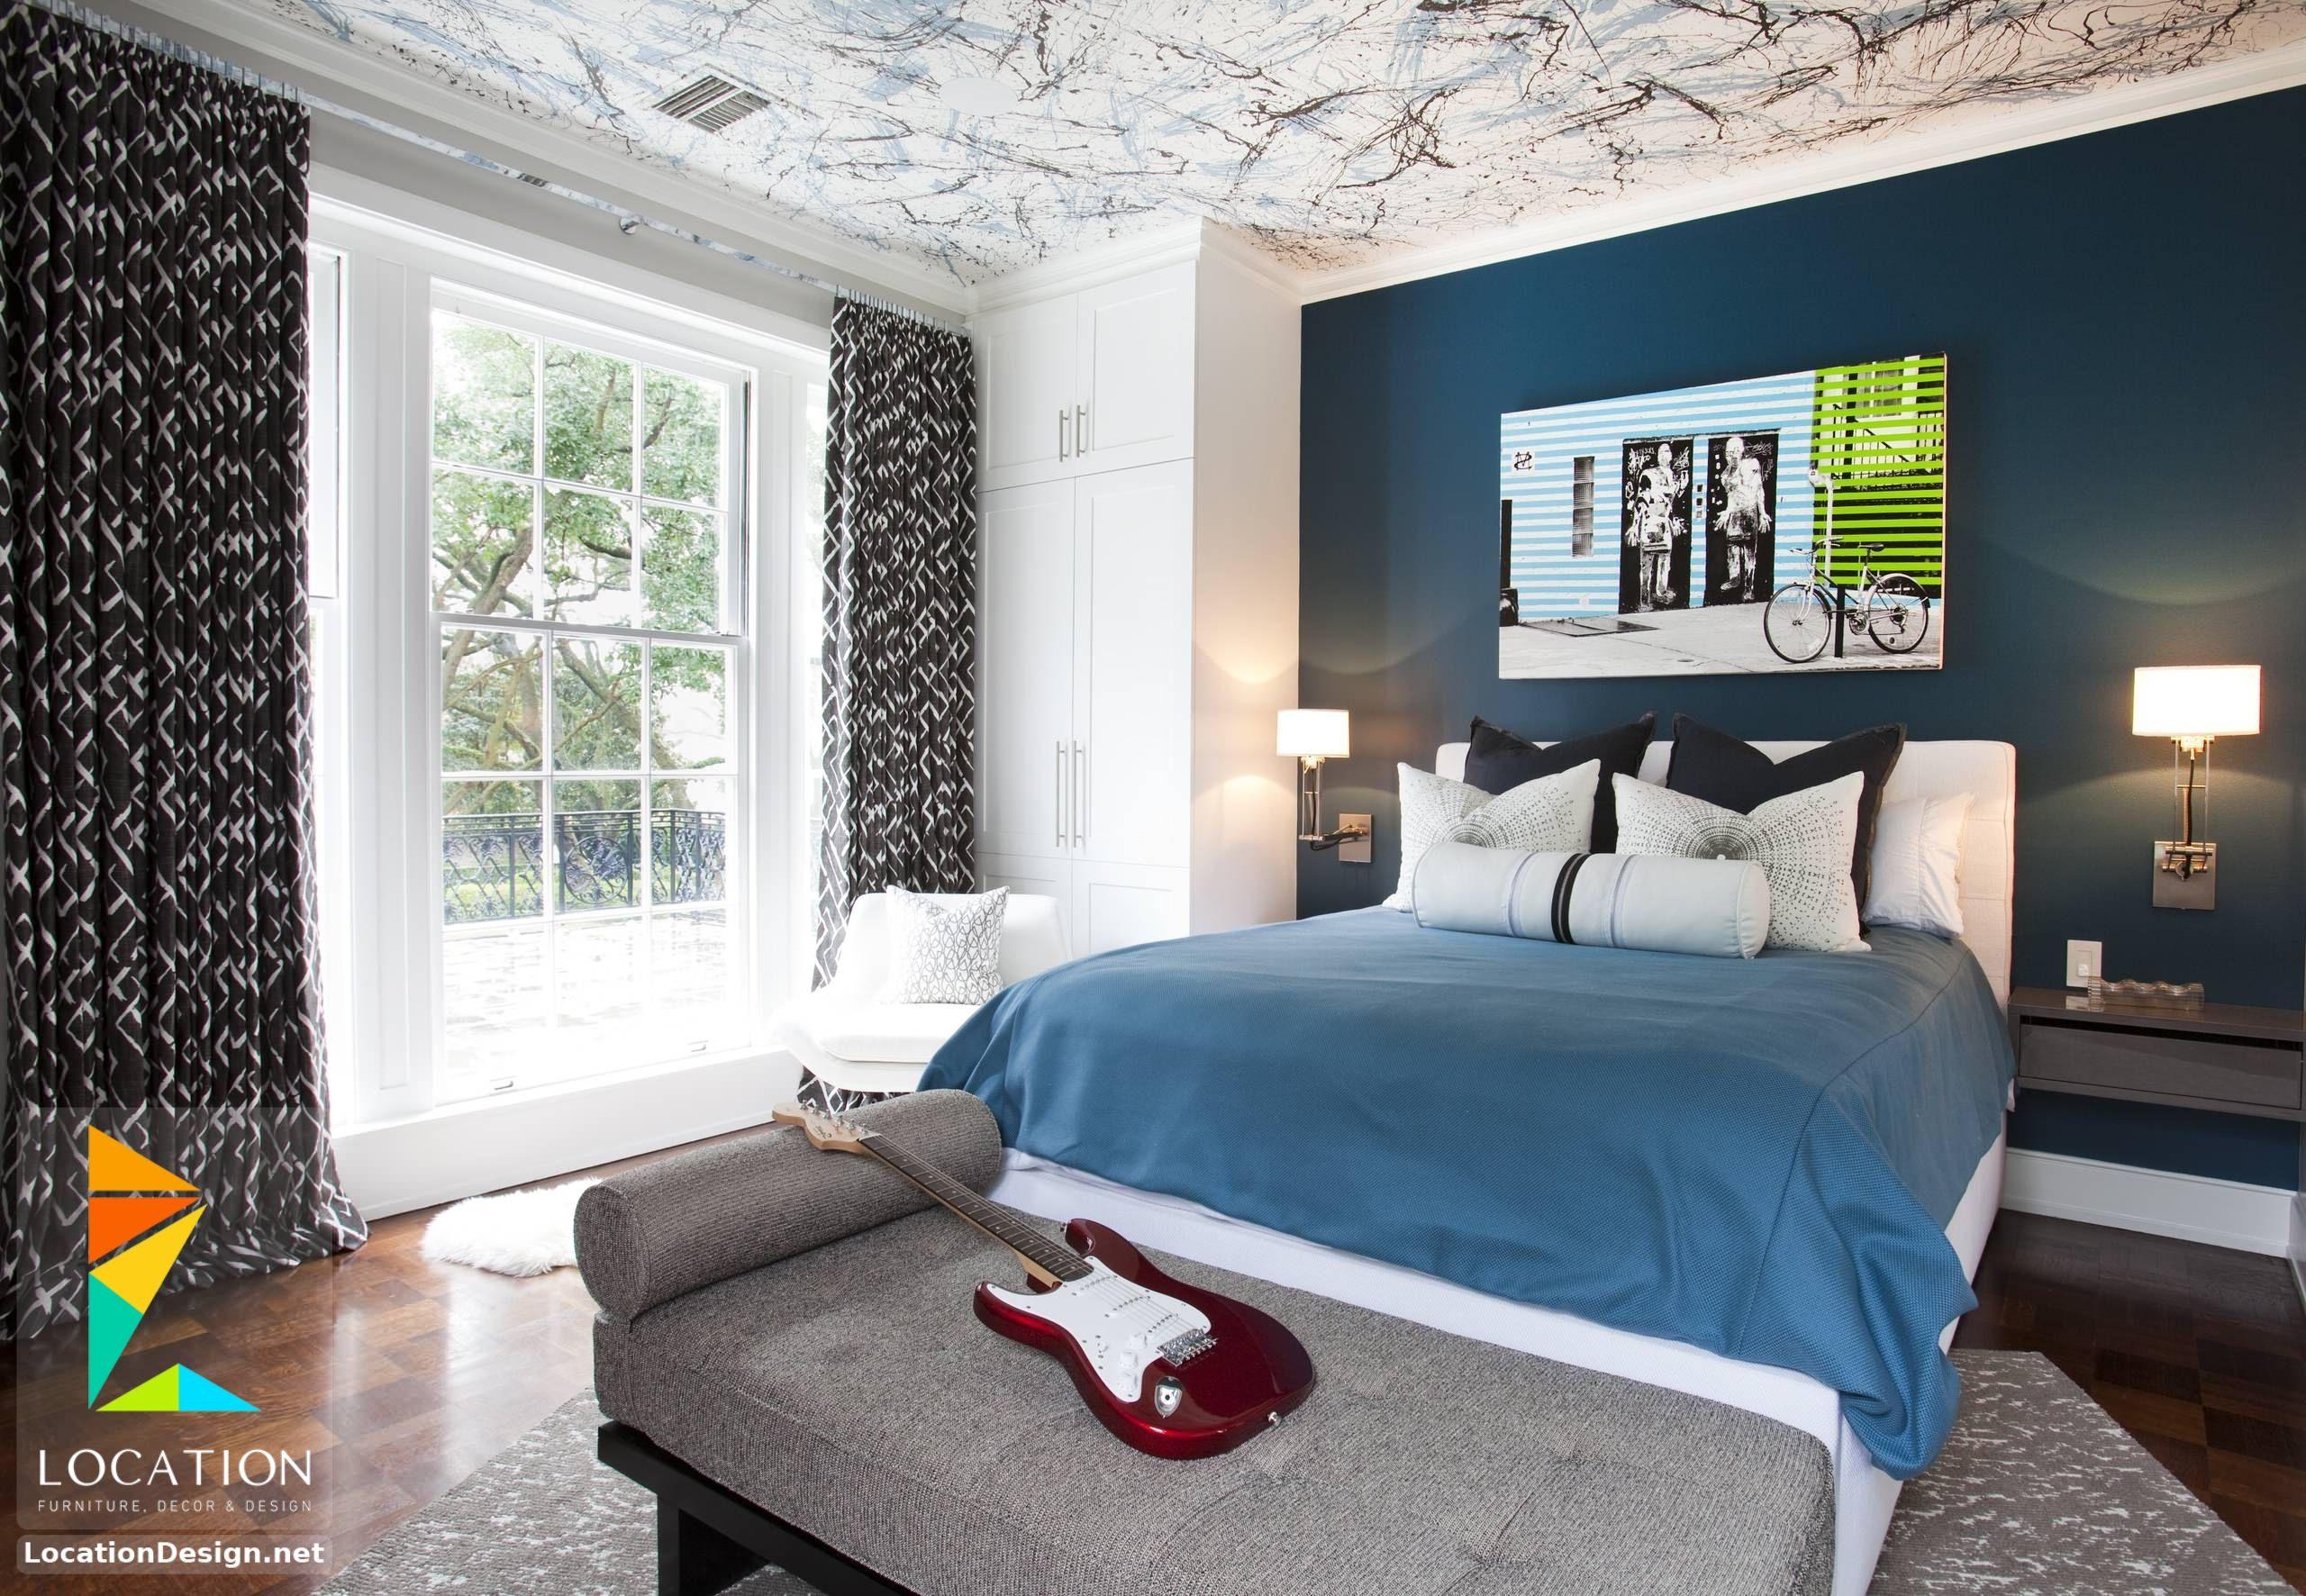 غرف نوم اولاد شباب أحدث موديلات غرف شبابي مودرن لوكشين ديزين نت Relaxing Bedroom Colors Bedroom Colors Bedroom Design